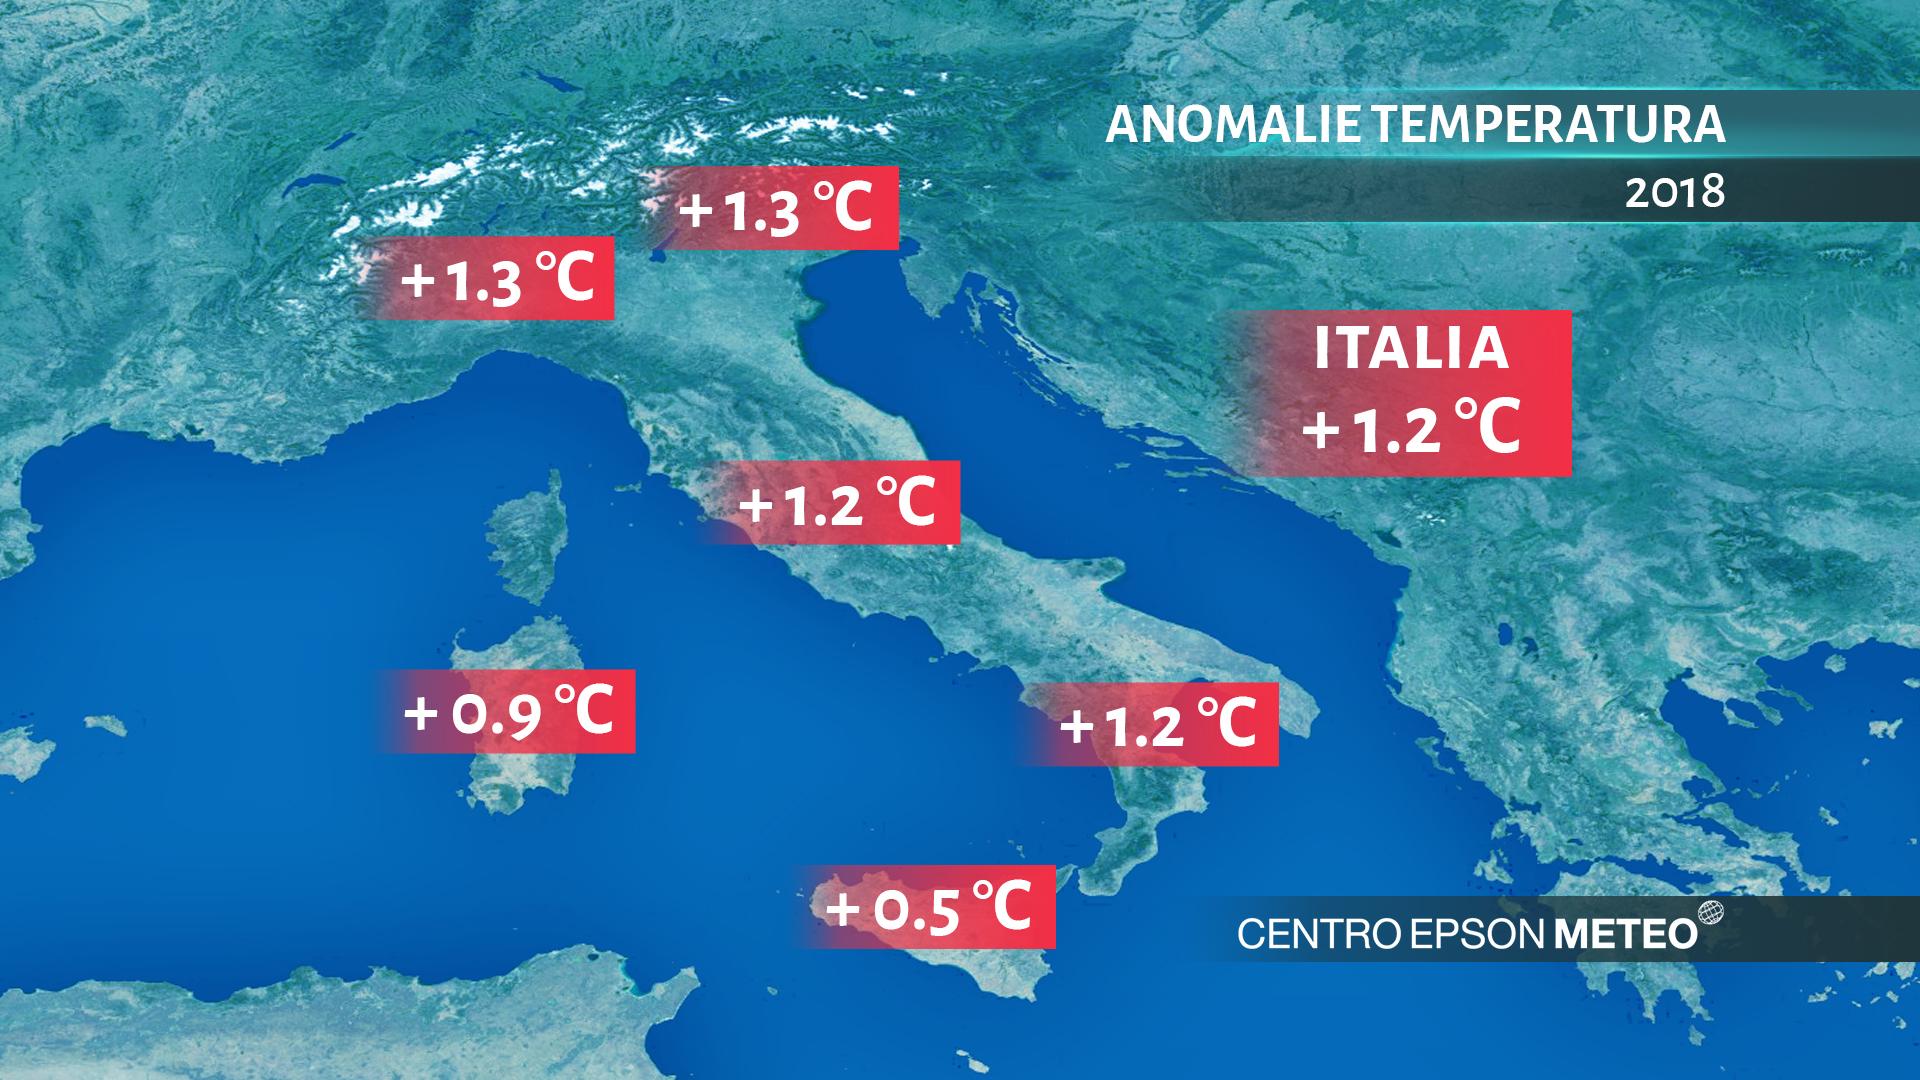 In italia settembre 2018 è stato il terzo più caldo degli ultimi 60 anni. Le anomalie delle temperature nel 2018